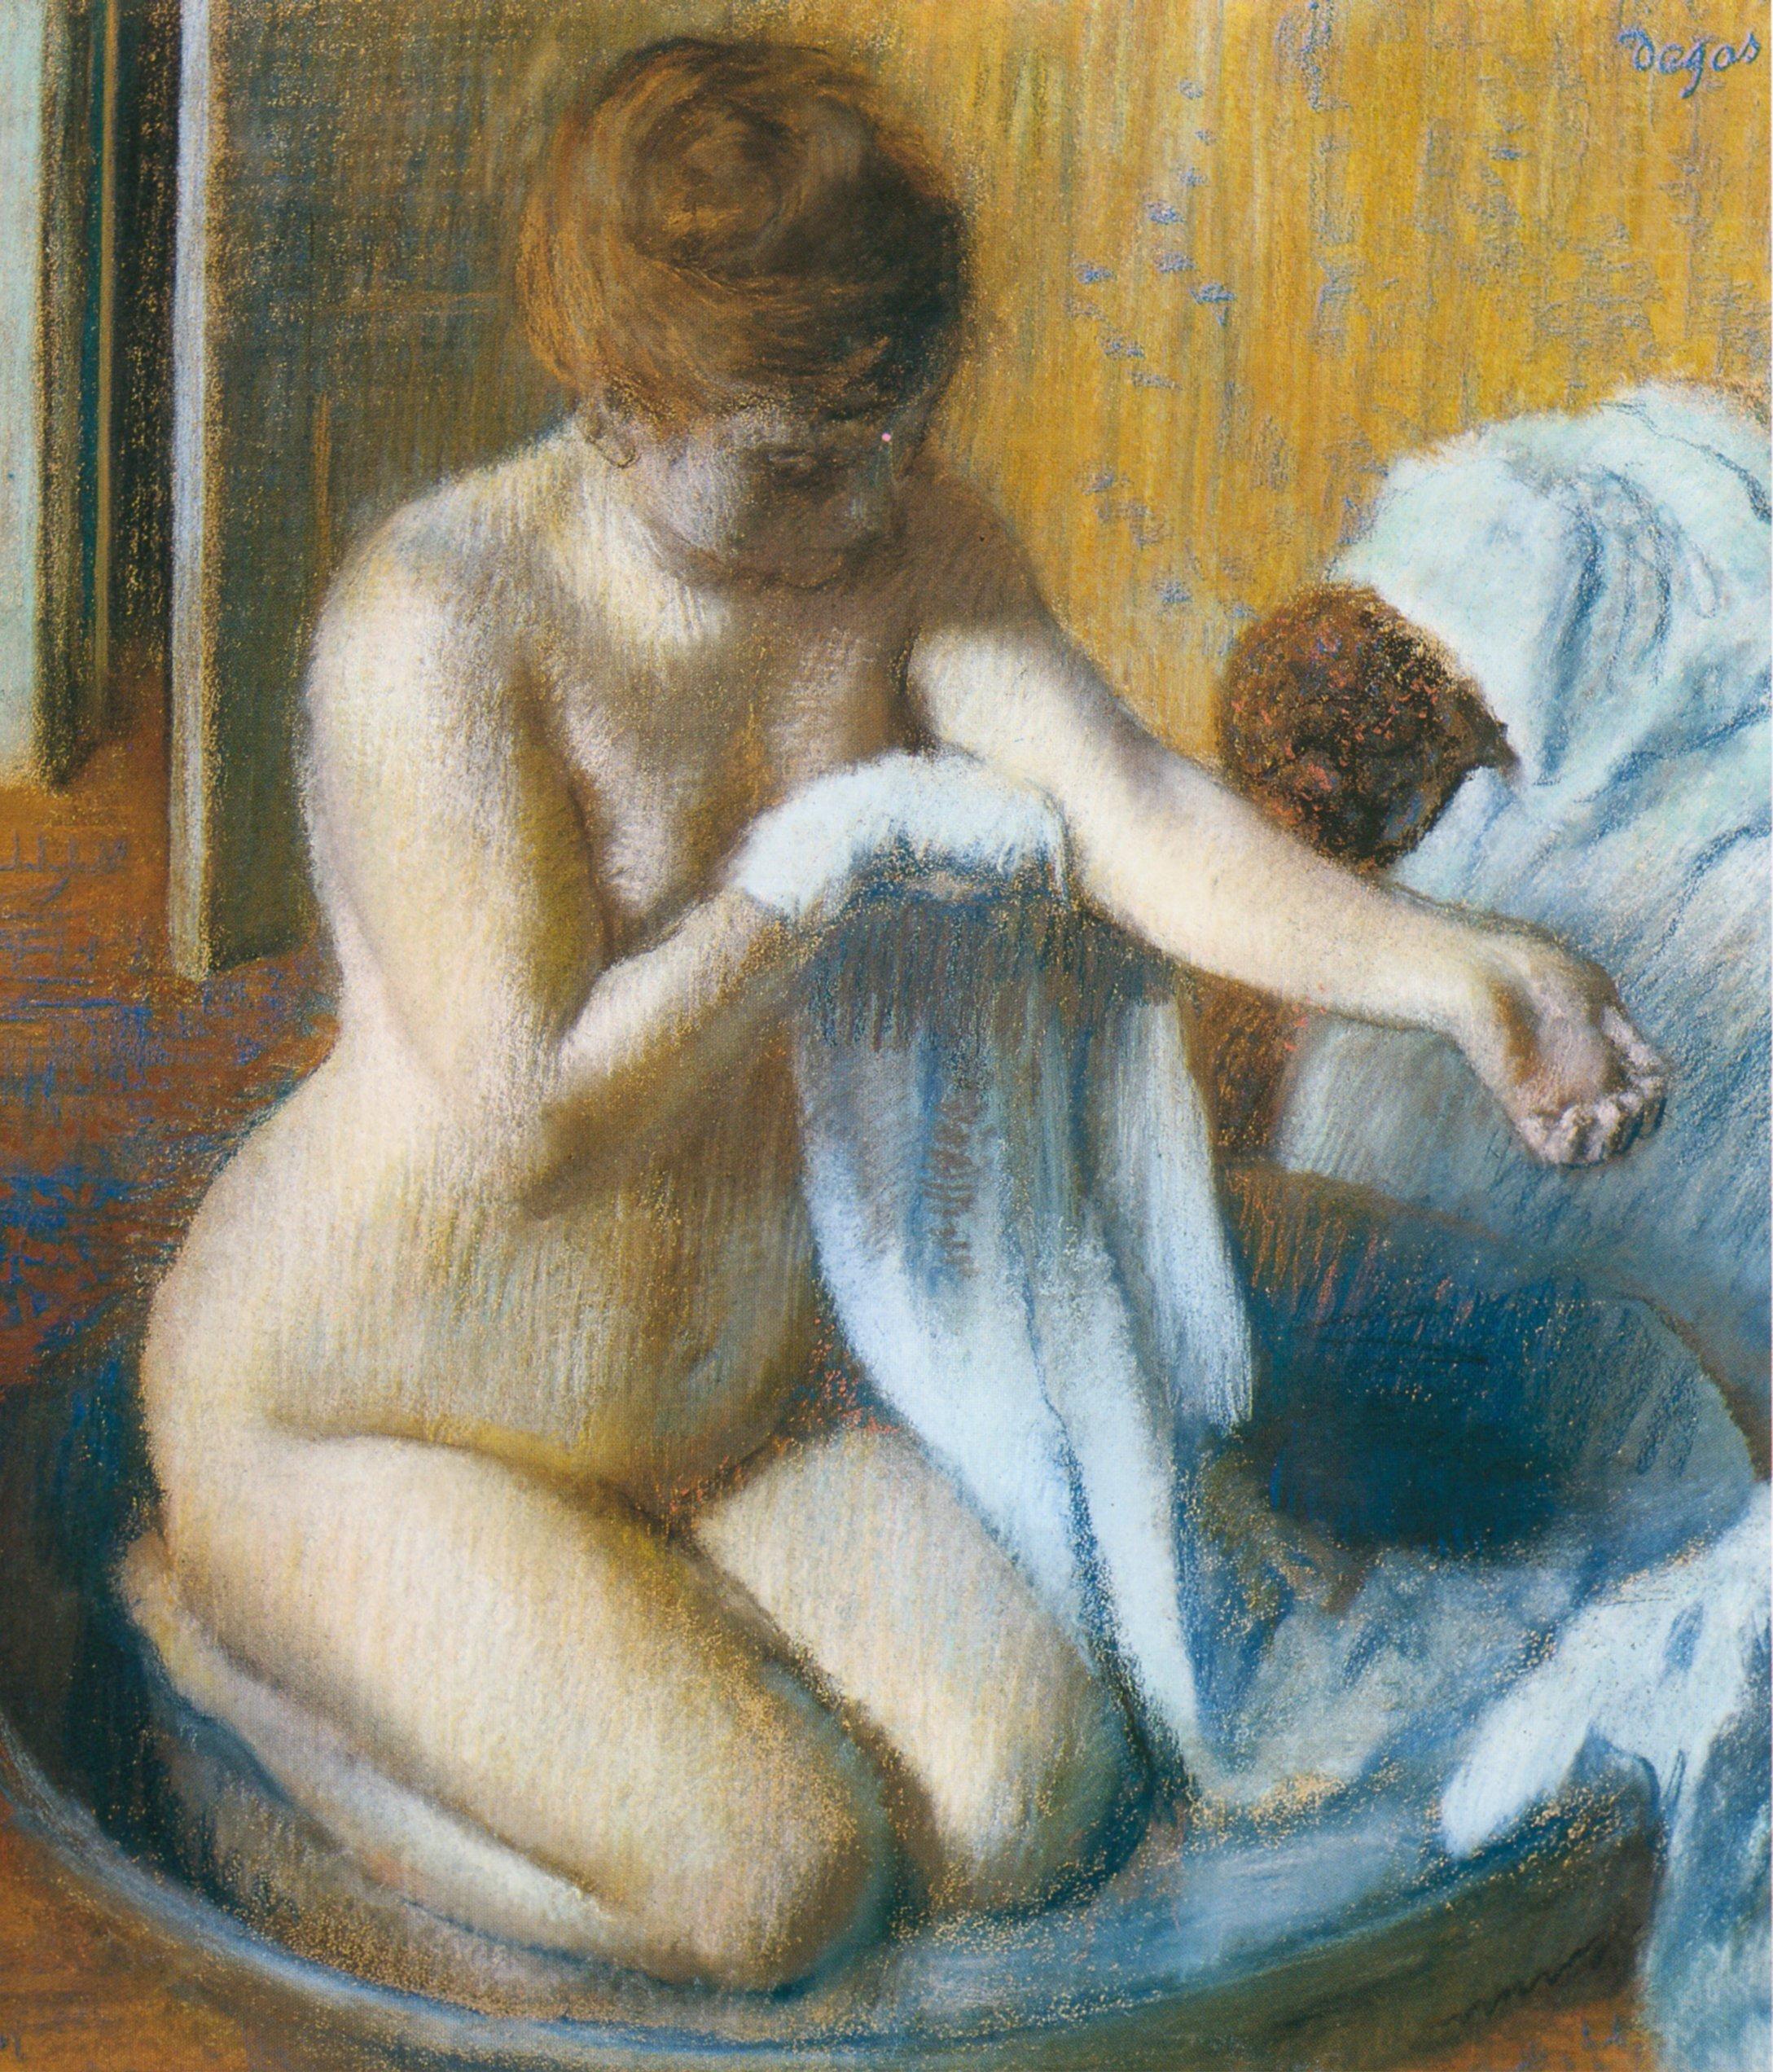 Edgar Degas, 1834-1917. После купания. 1885-1886